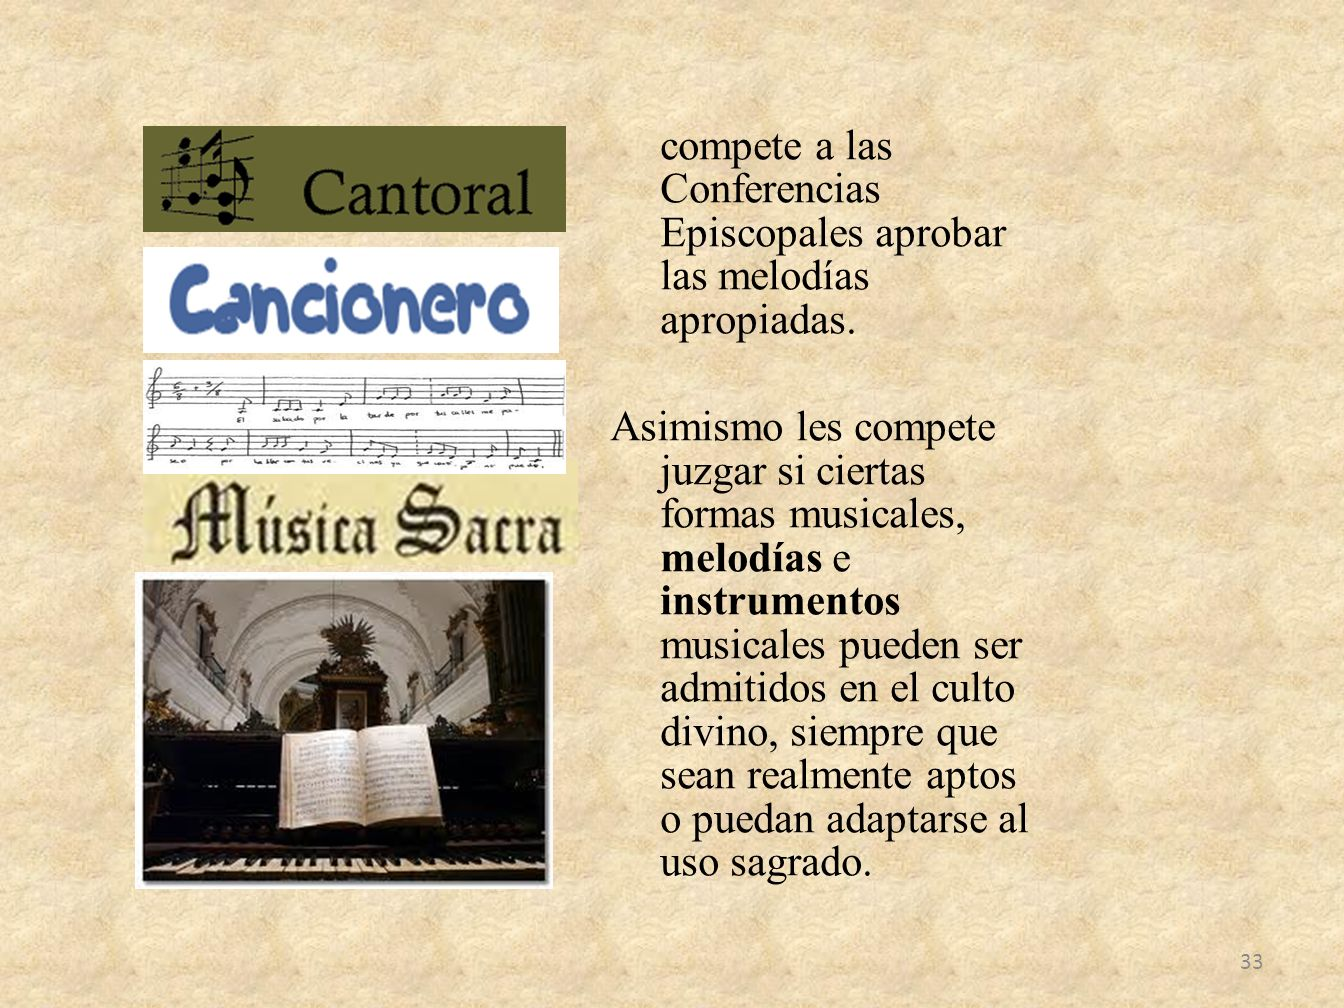 compete a las Conferencias Episcopales aprobar las melodías apropiadas